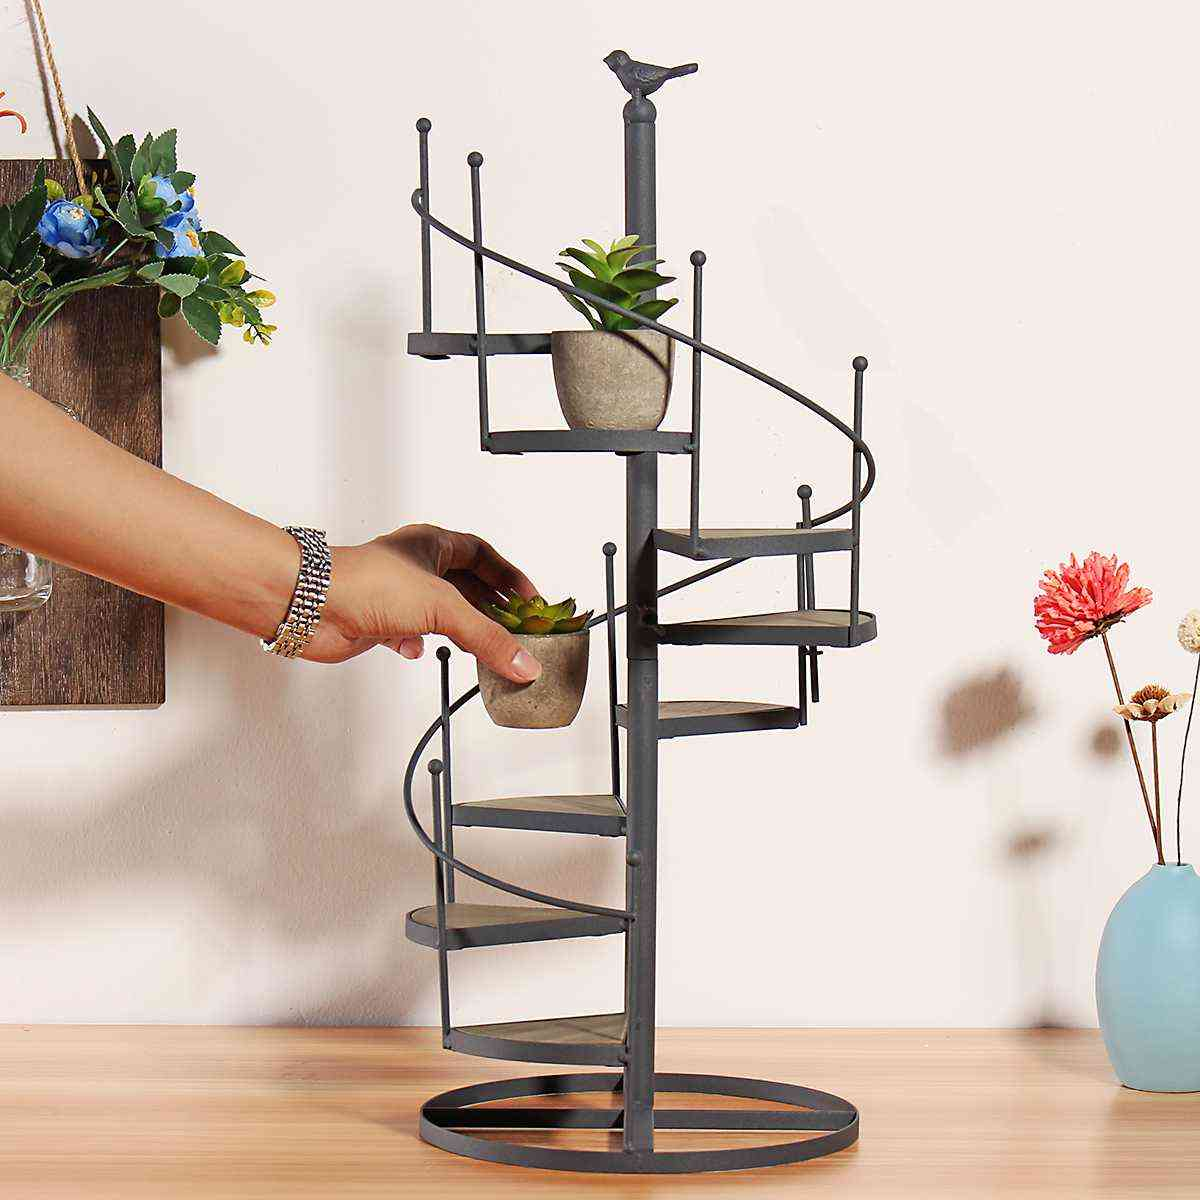 Succulent Shelf 8 Layer Stair Shape Desktop Garden Flower Stand + Wood Plate